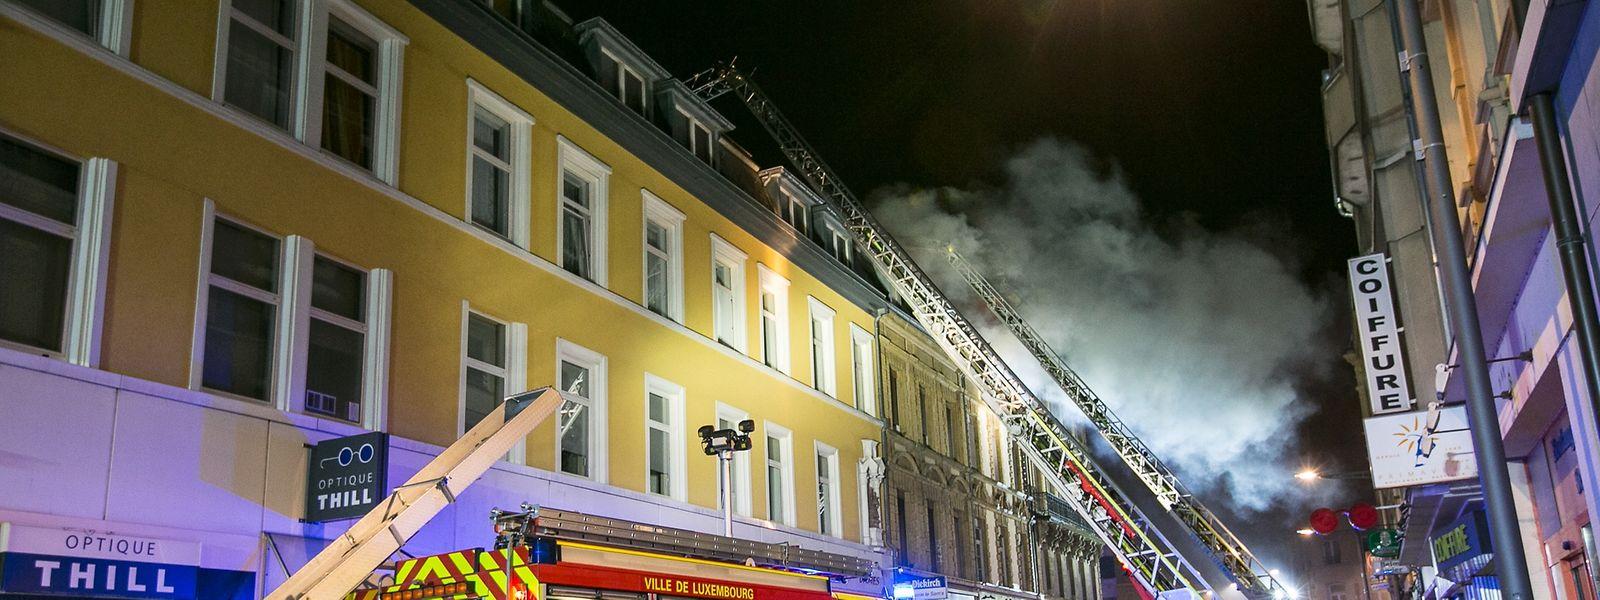 Das Feuer soll in der Nacht zum 28. Juli 2015 im dritten Stock gelegt worden sein. In den unteren Etagen wurde Brandbeschleuniger verteilt. Es brannte aber nur im oberen Bereich.